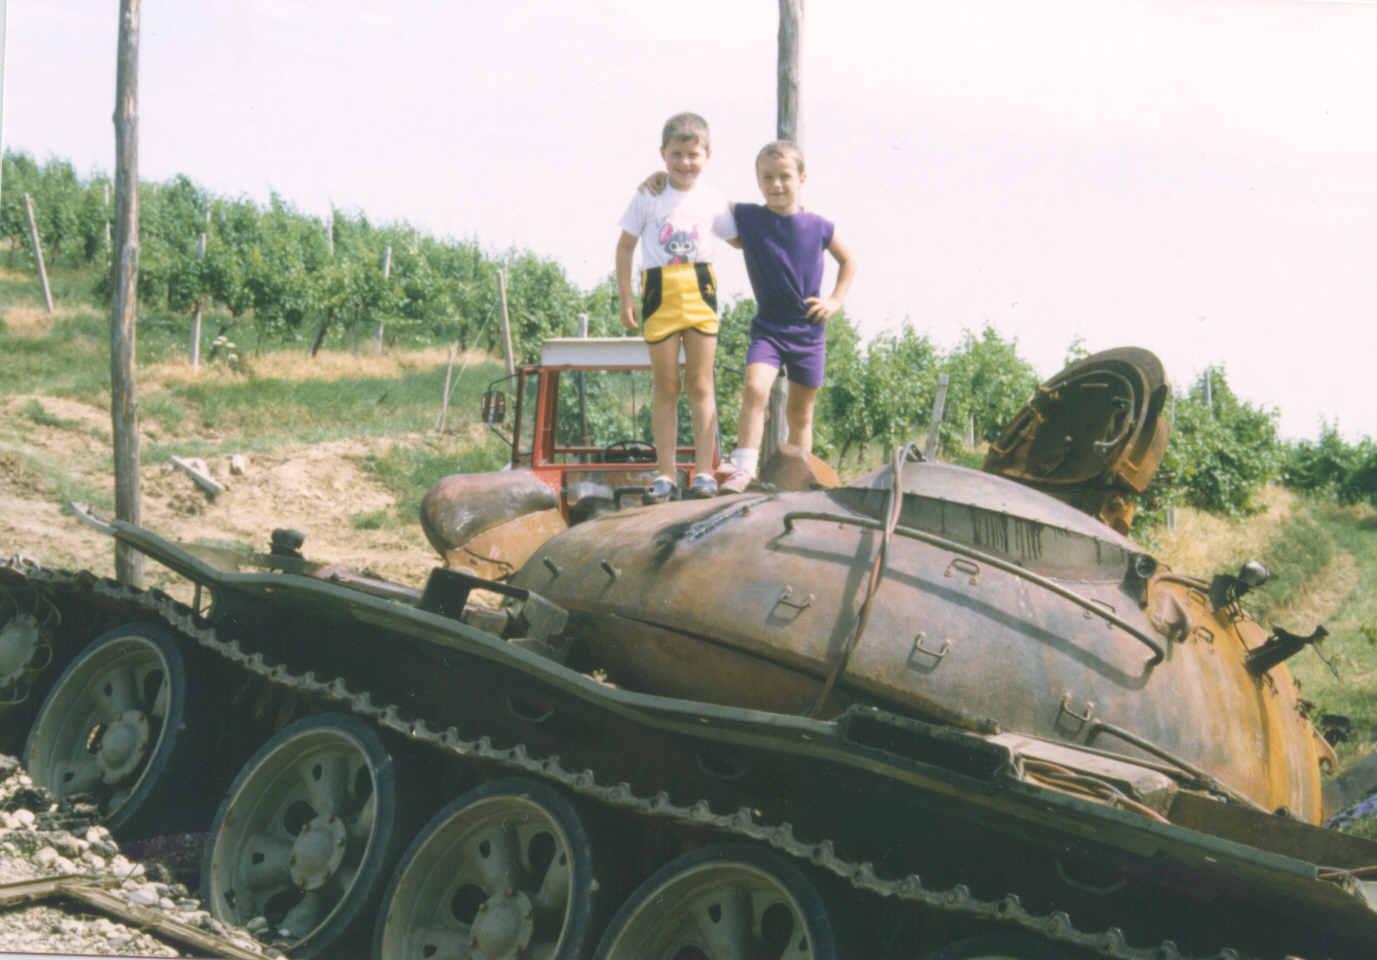 vojna_za_slo91_3.jpg